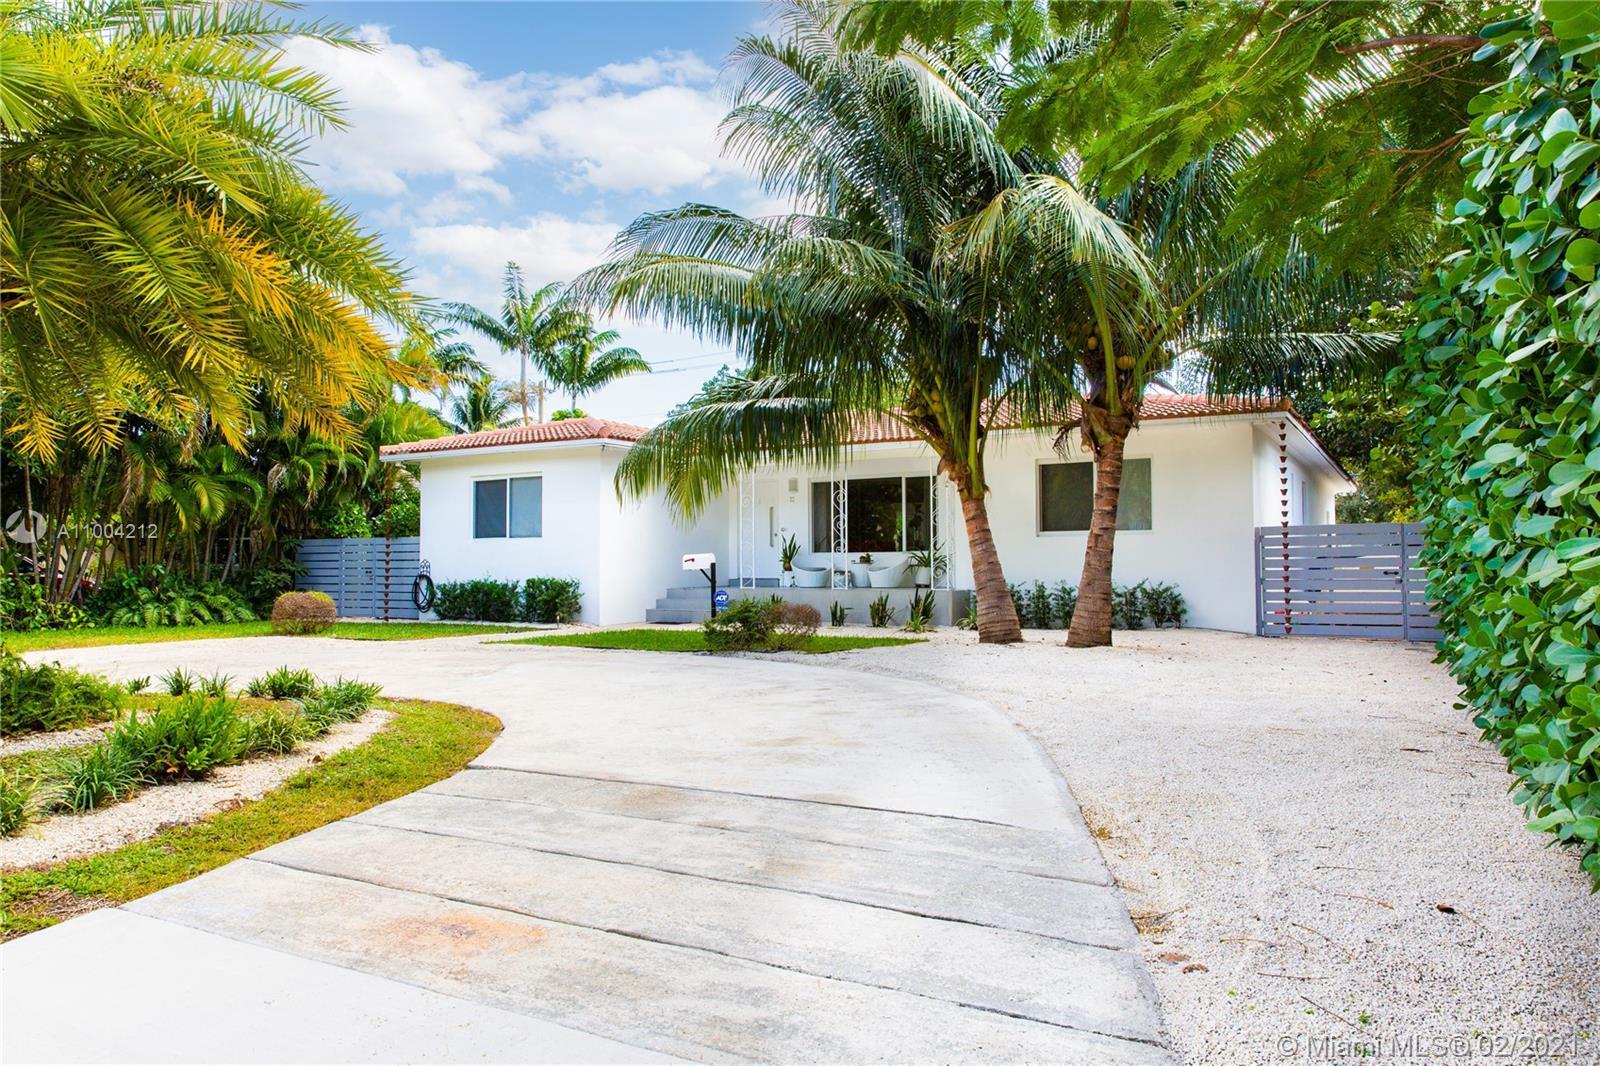 Miami Shores - 12 NE 111th St, Miami Shores, FL 33161